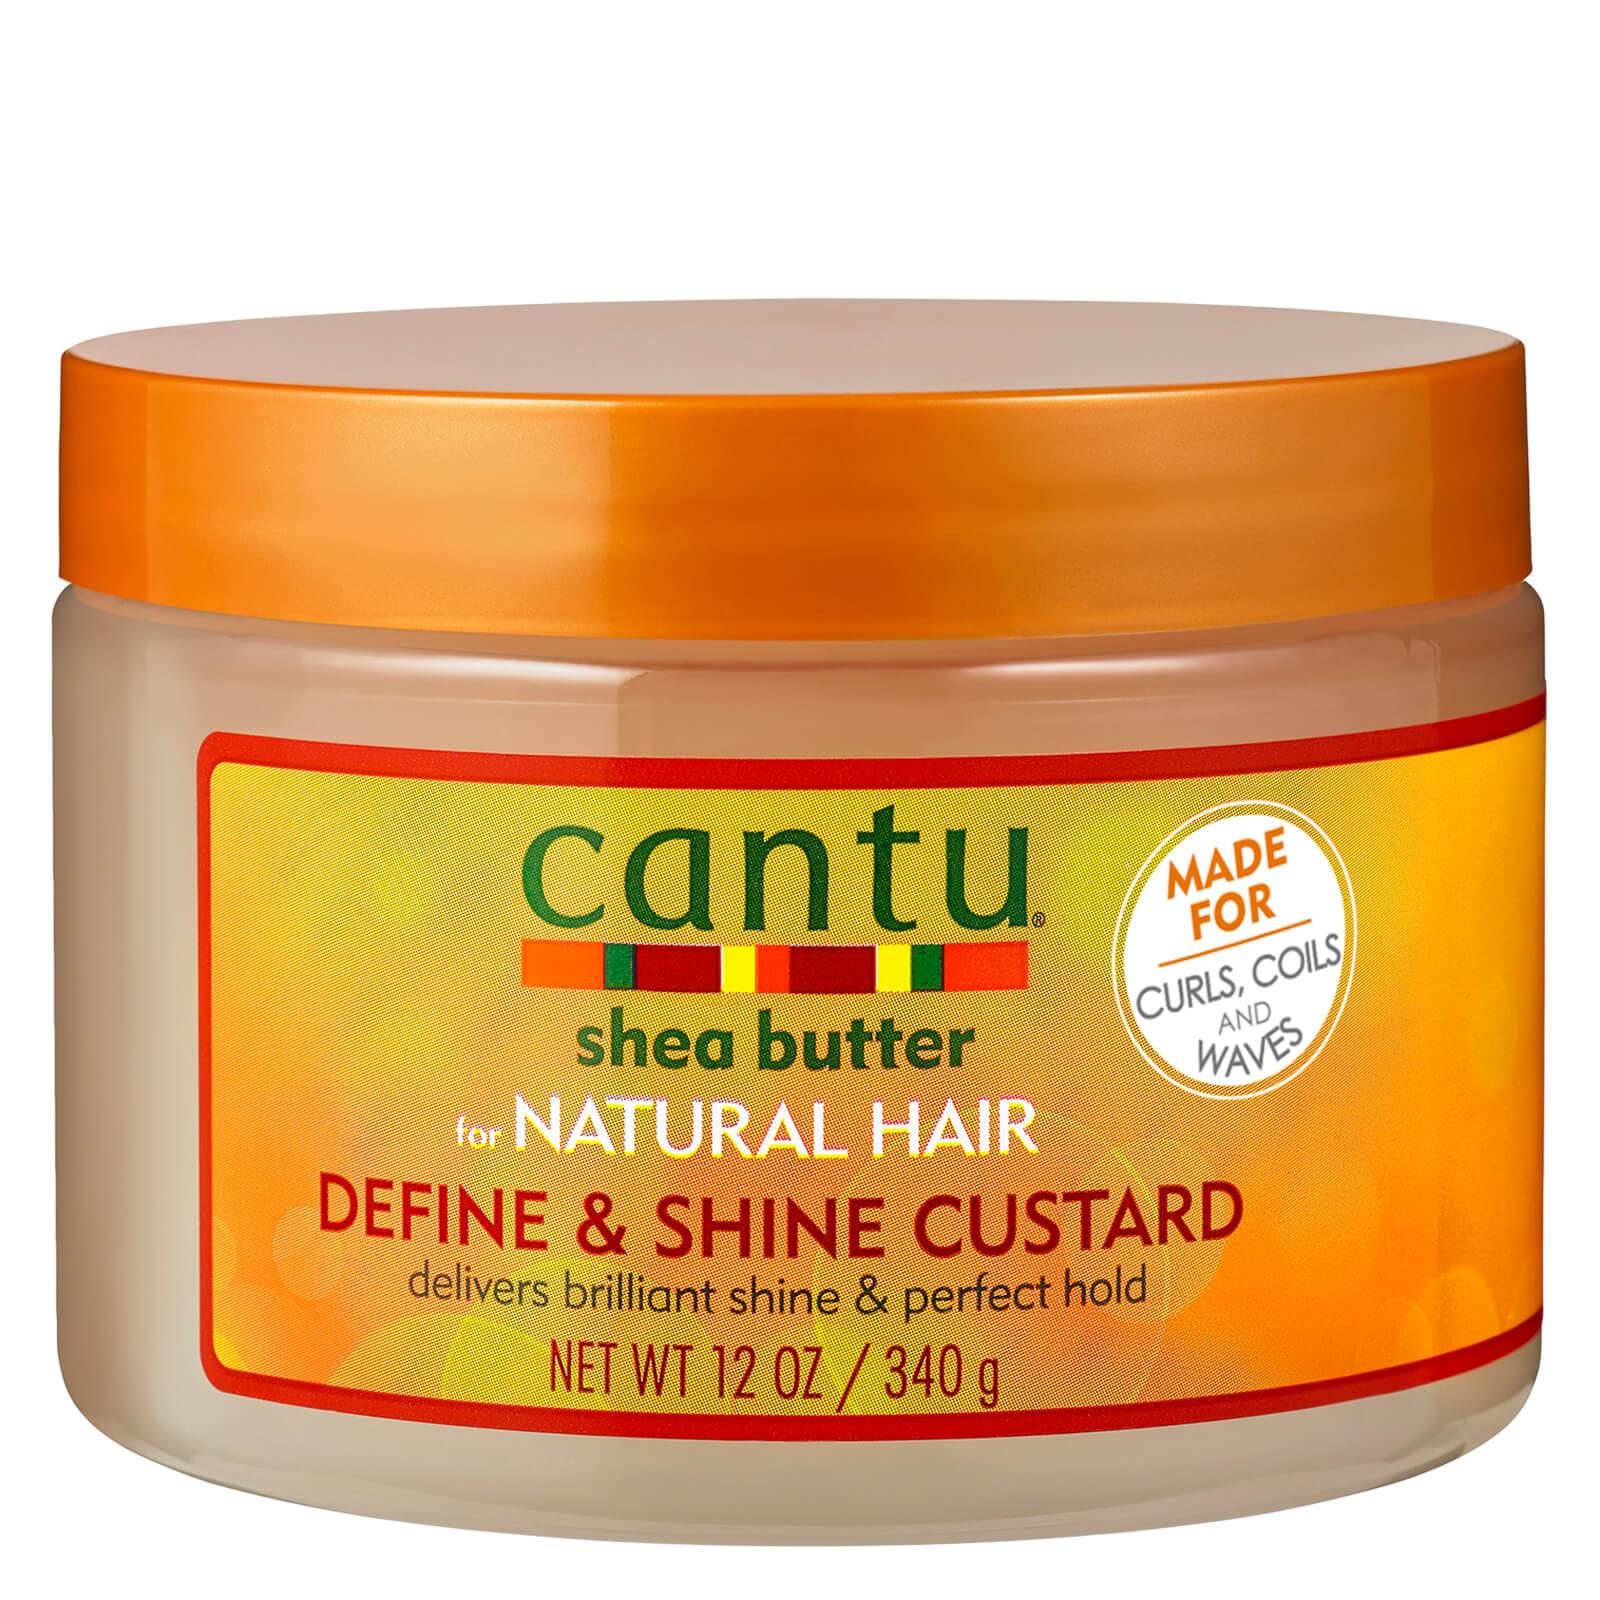 Купить Cantu Shea Butter for Natural Hair Define & Shine Custard 340g